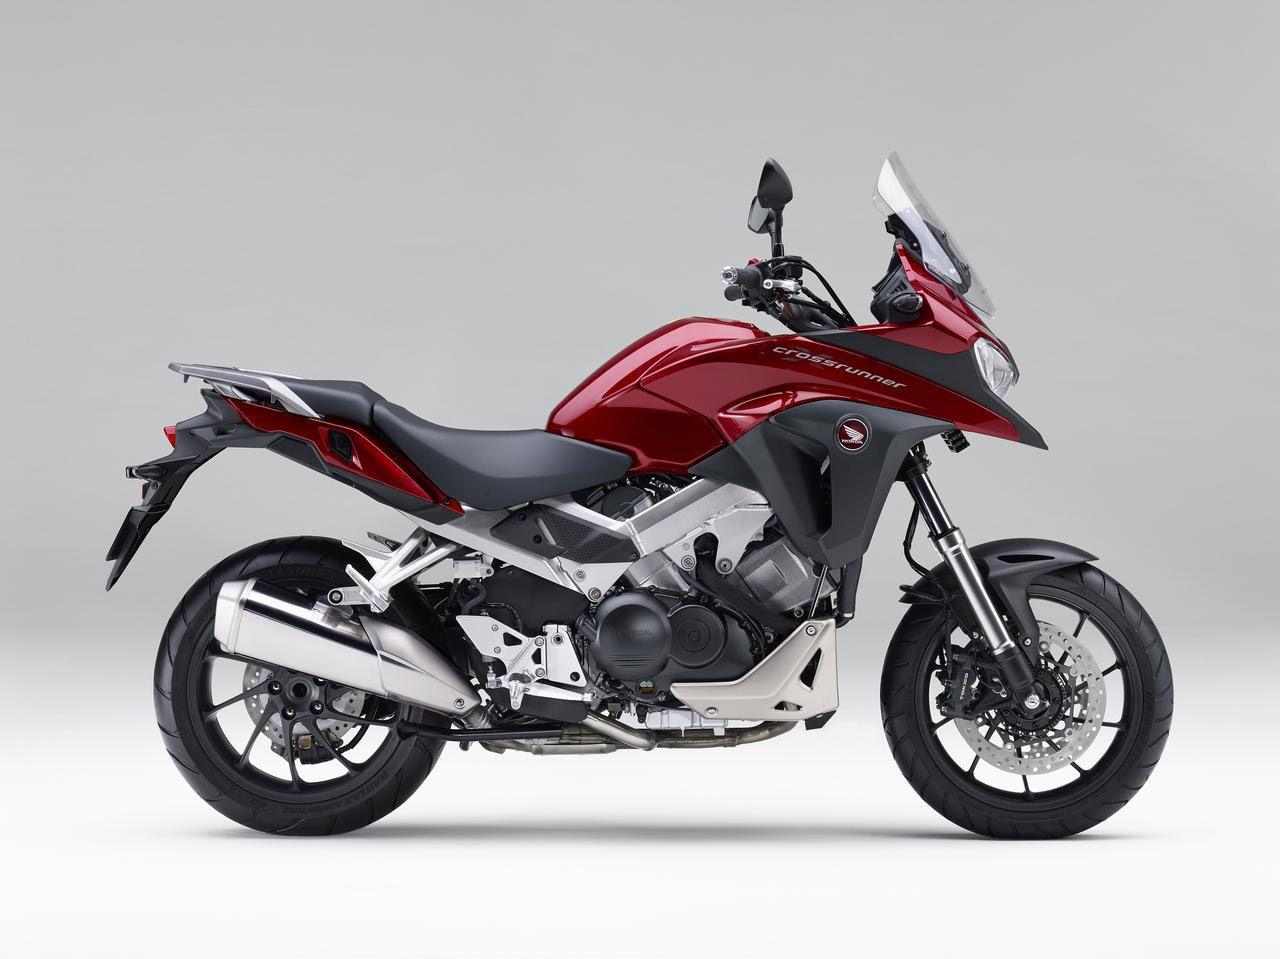 2017 HONDA VFR800X Motorcycles & Scooters Honda vfr